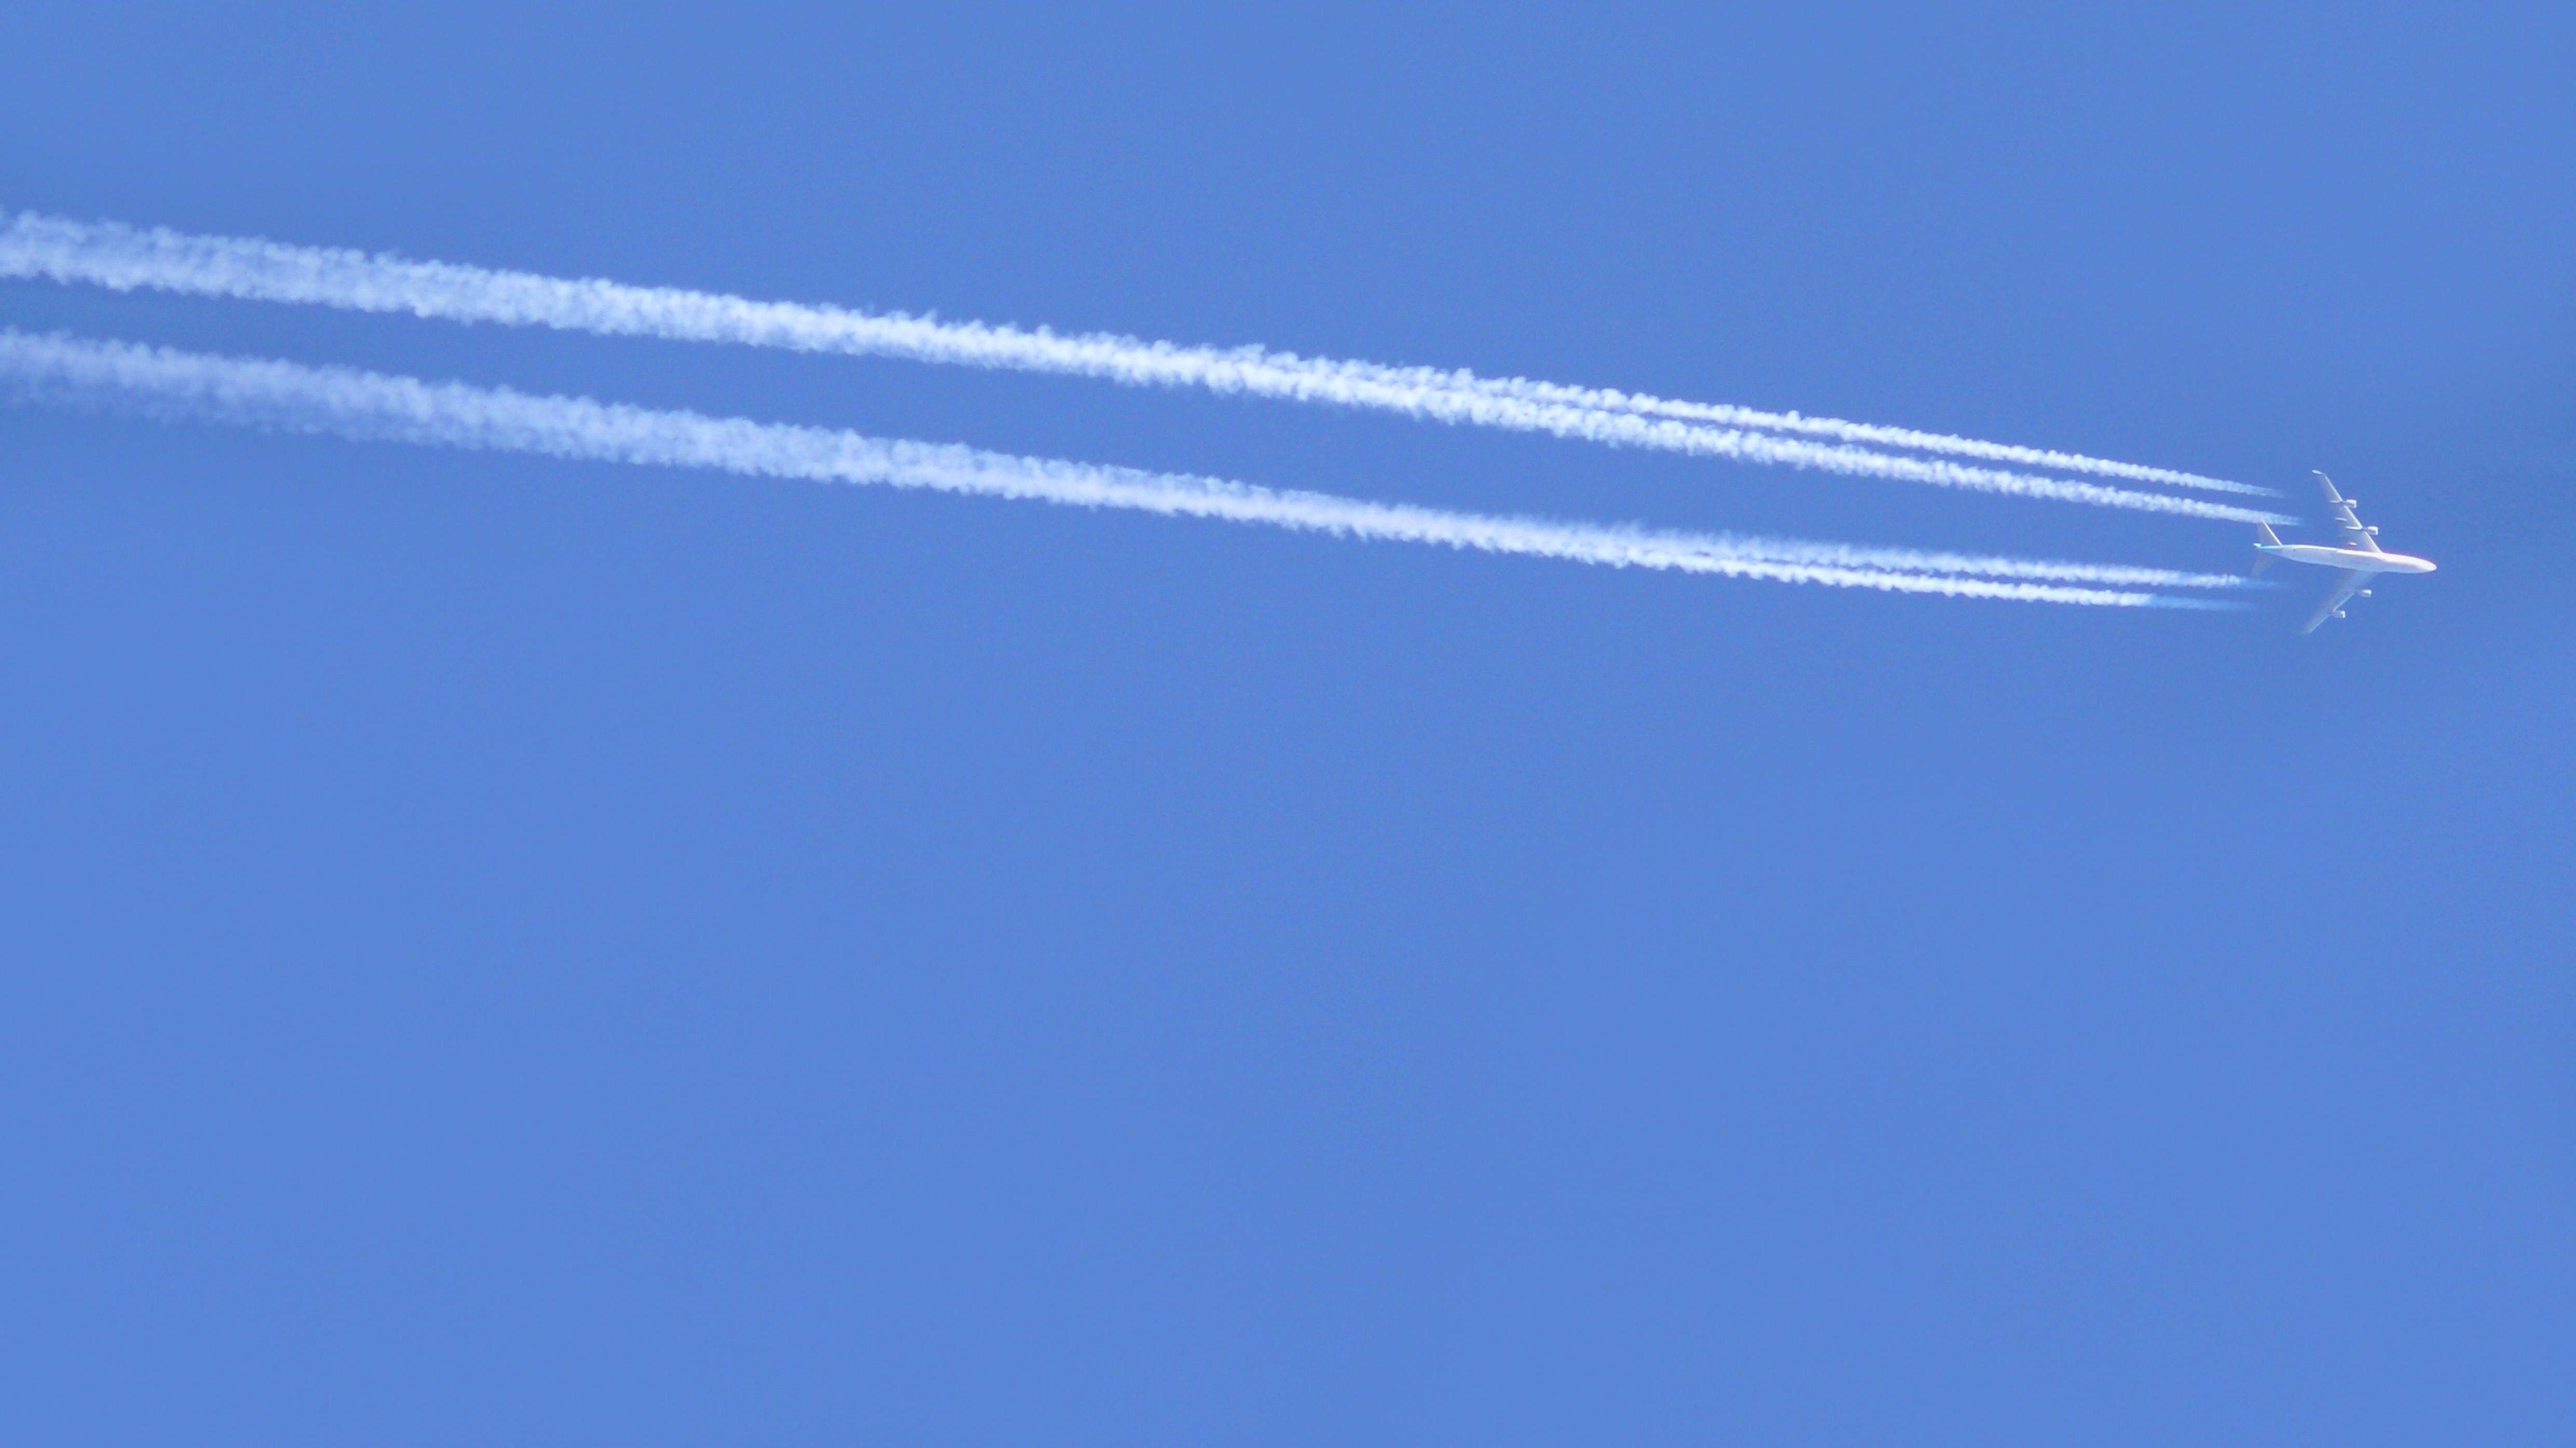 Flugzeug am Himmel mit Kondensstreifen